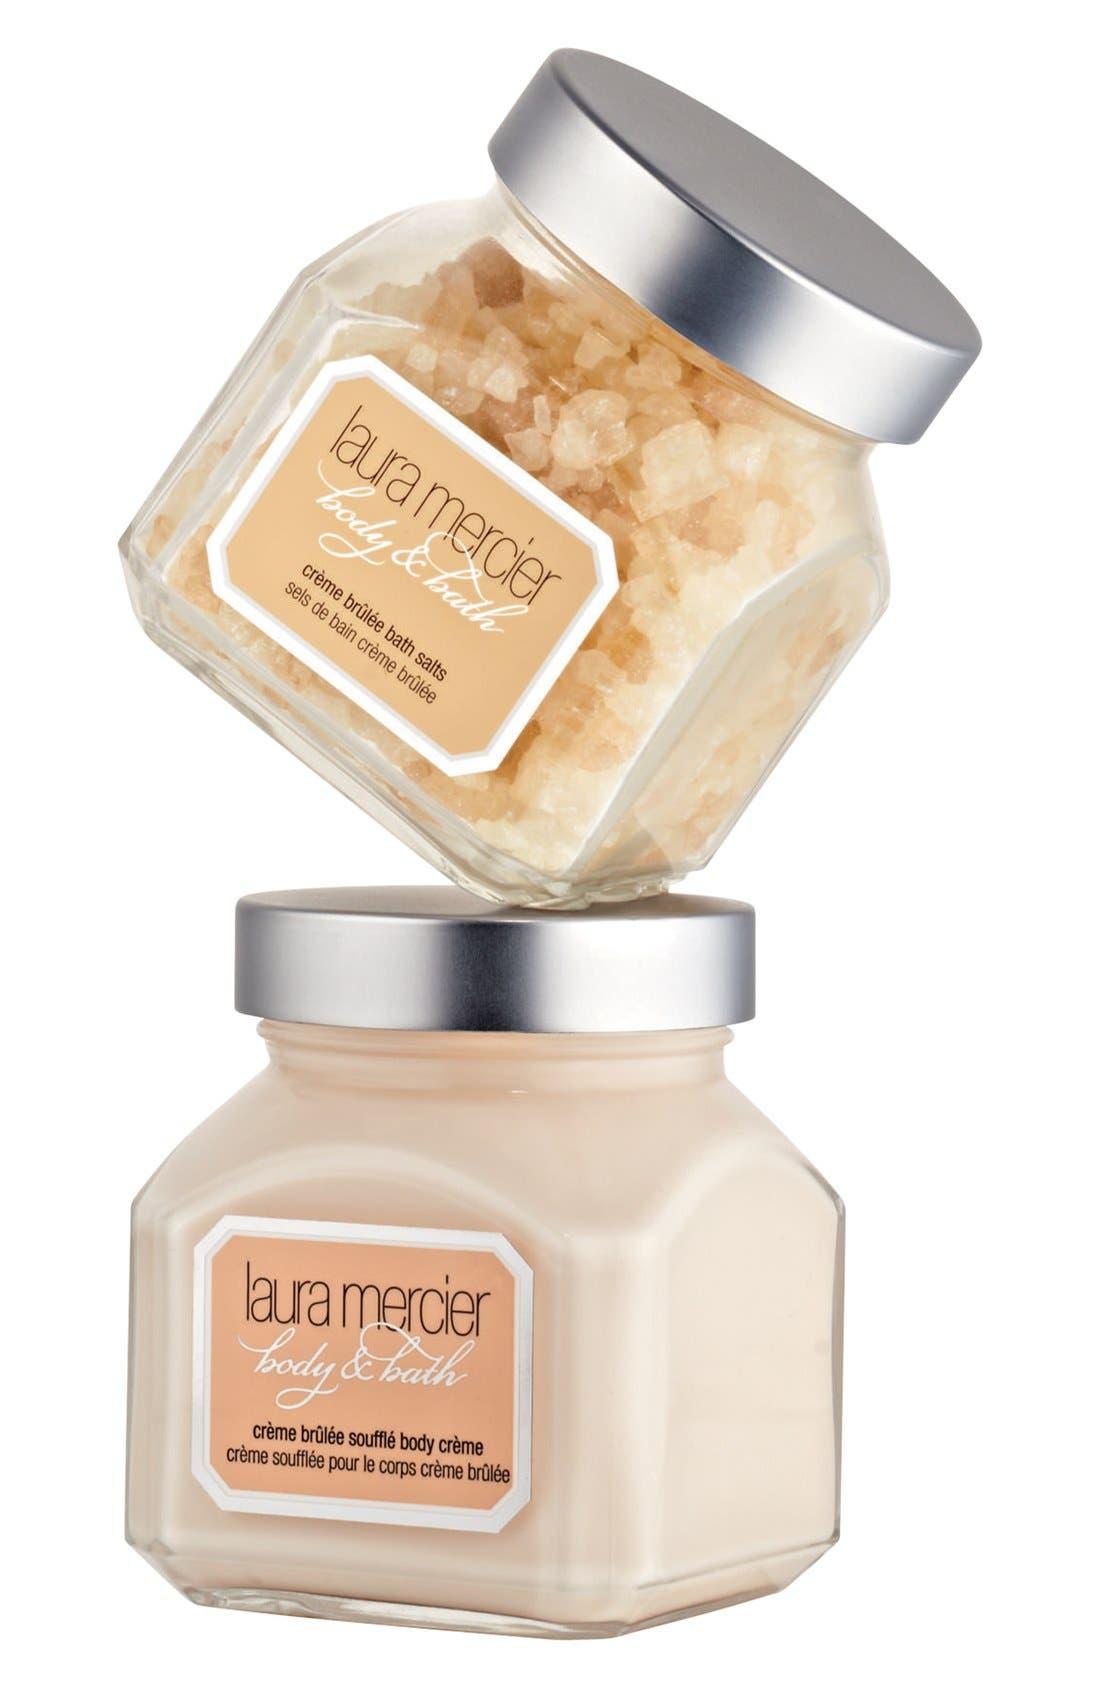 Alternate Image 1 Selected - Laura Mercier 'Crème Brûlée' Body & Bath Duet